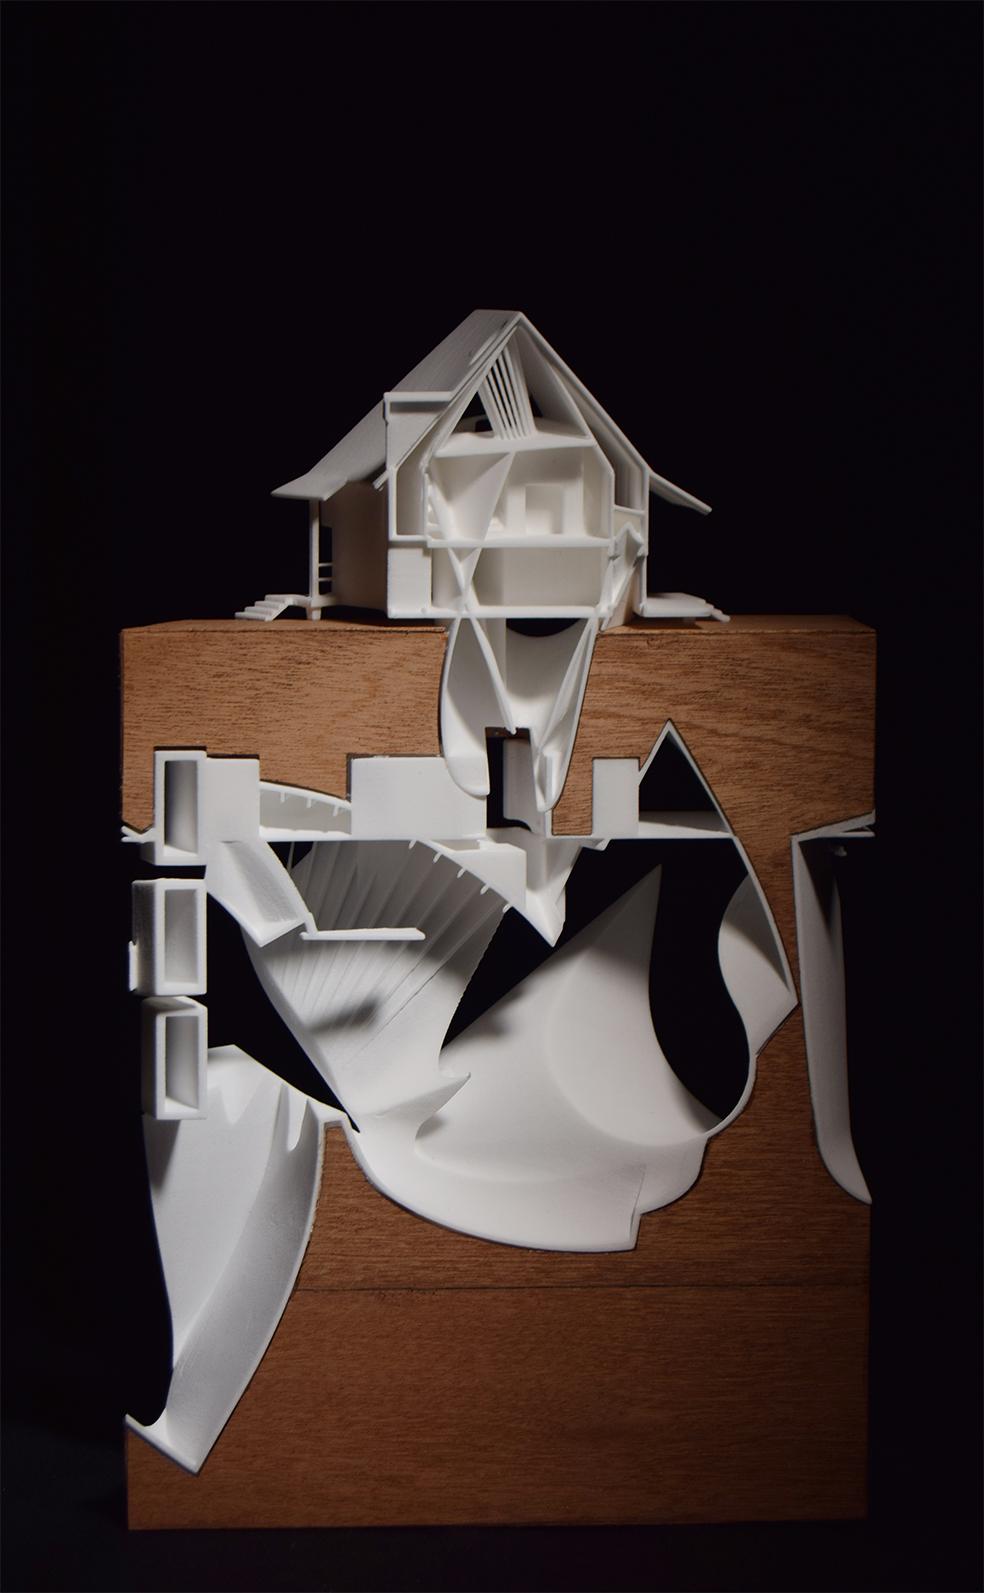 3D Print Wood Veneer House Model - House of Leaves - Space and Paper